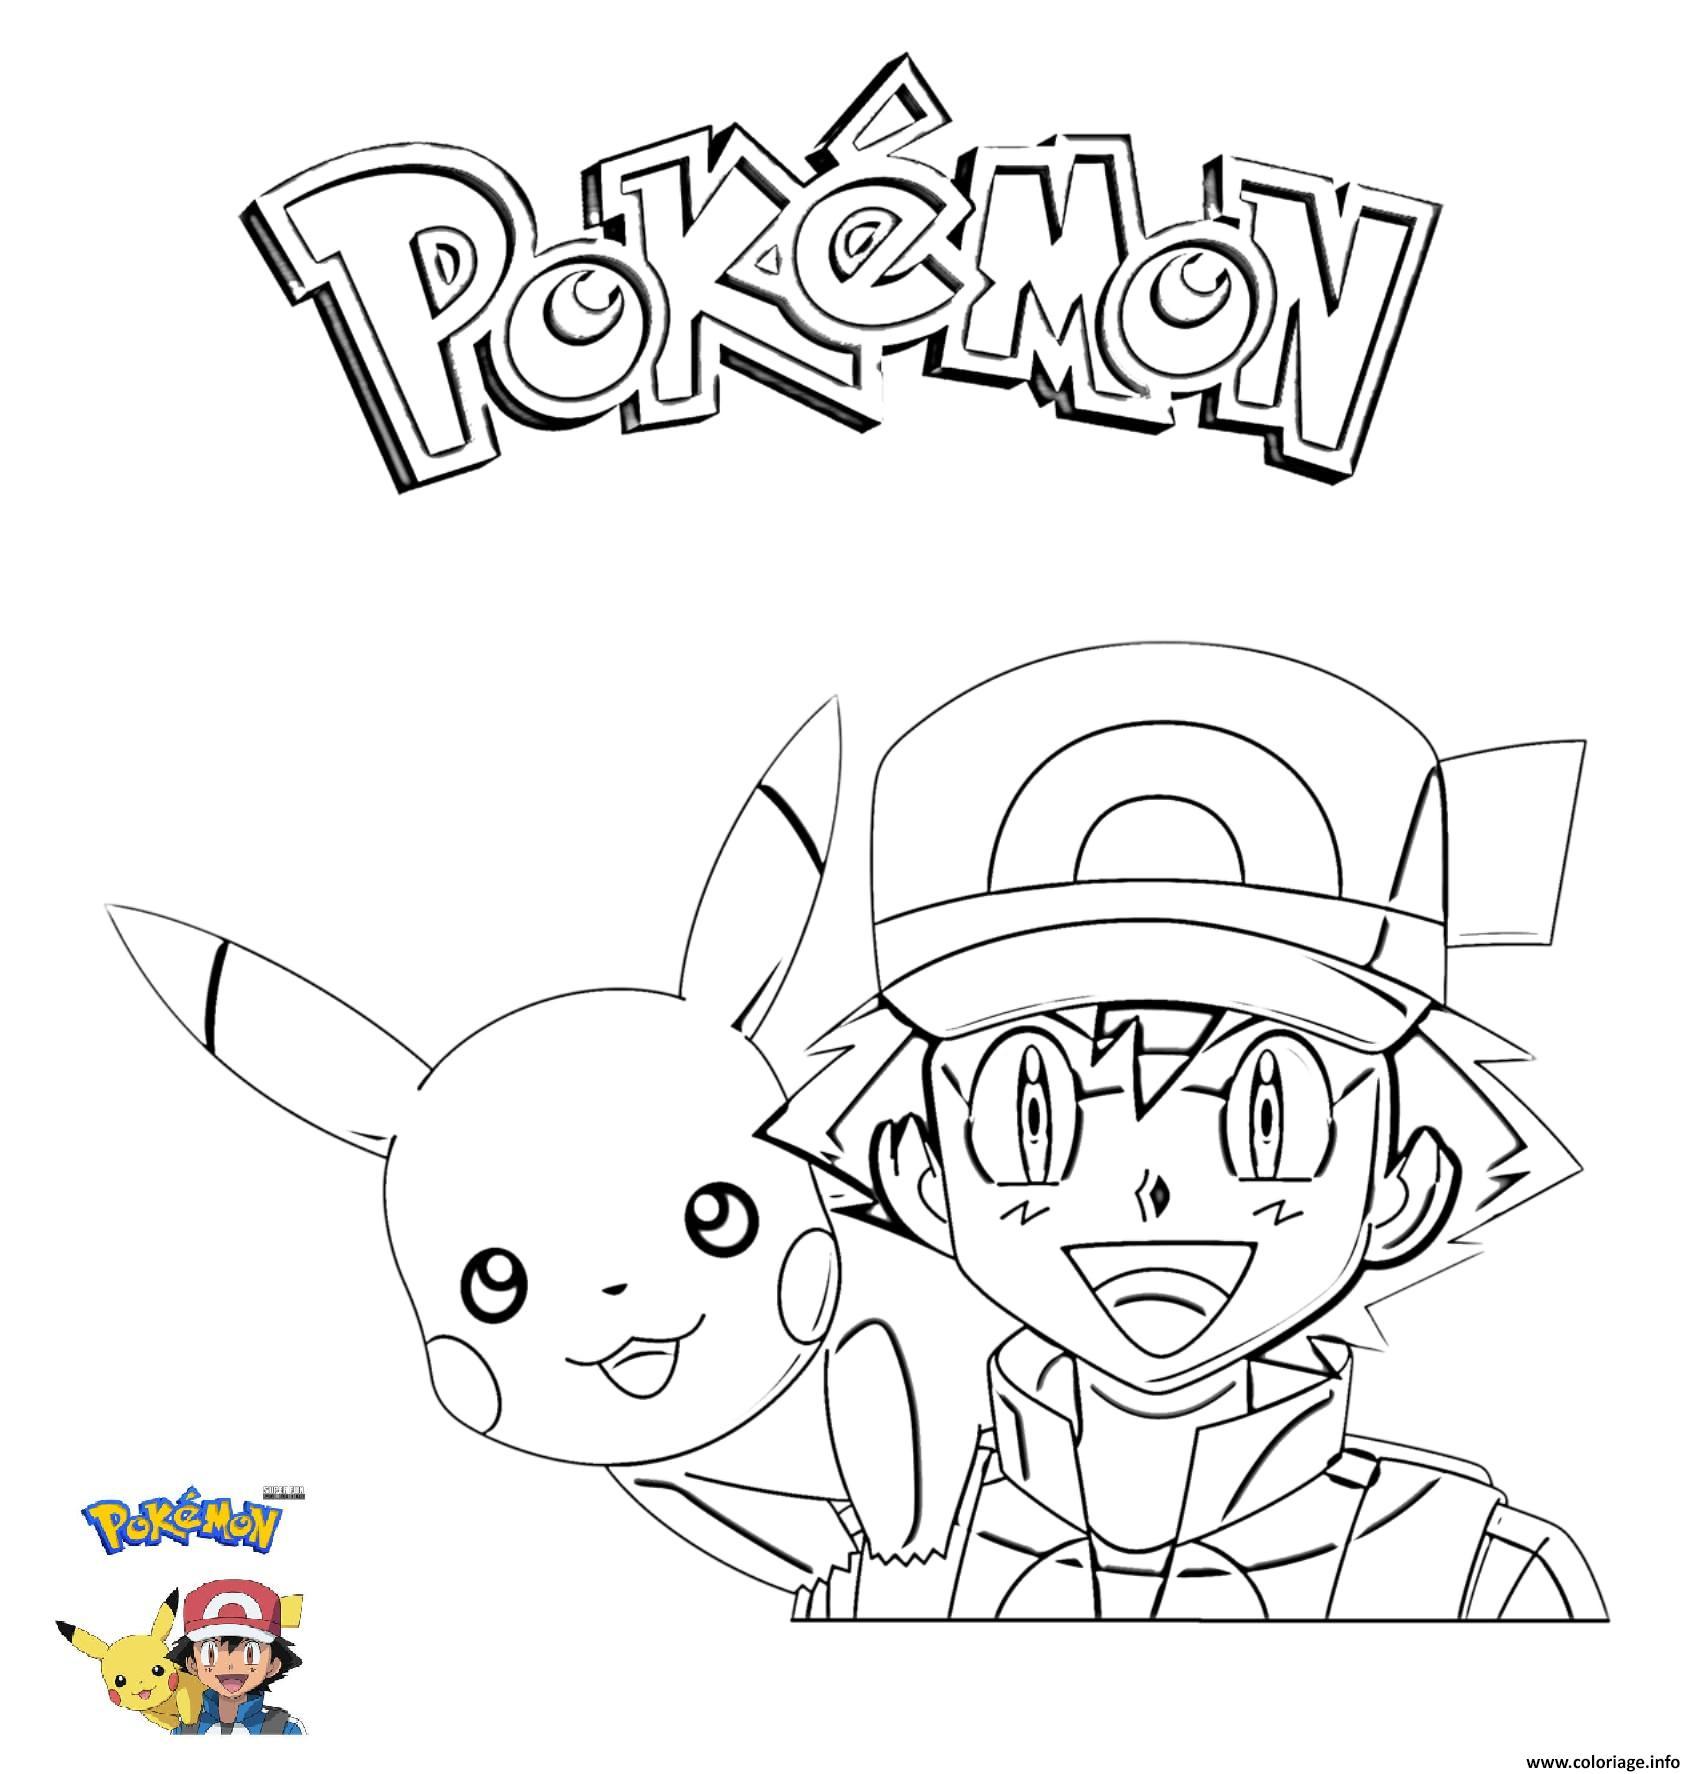 Dessin 2 Ash and Pikachu Pokemon Coloriage Gratuit à Imprimer